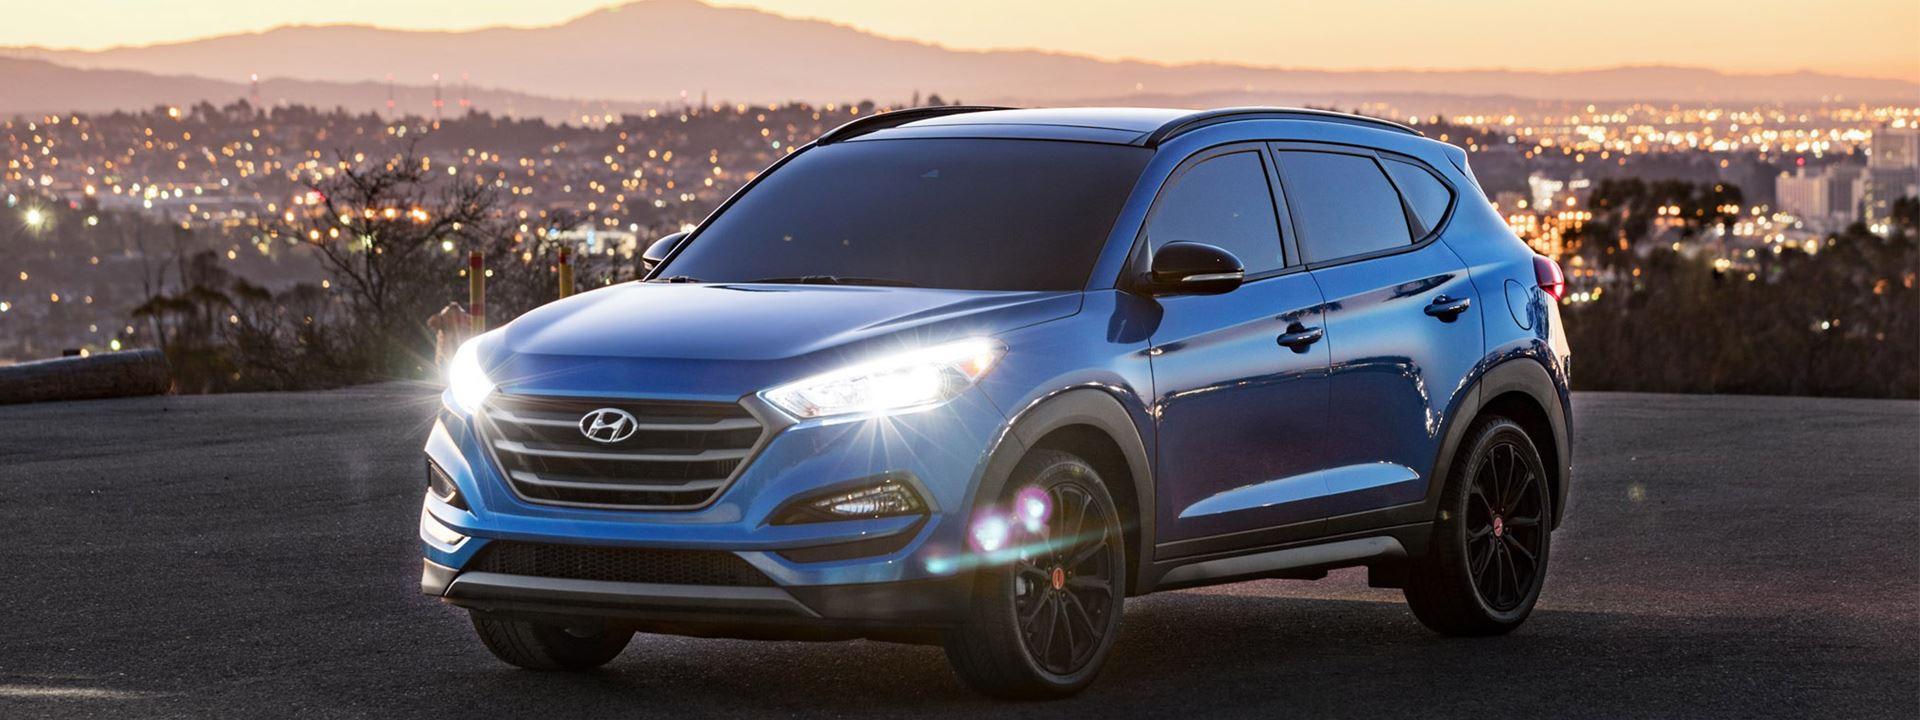 Welke van deze tien fotos van de Hyundai Tucson is jouw favoriet